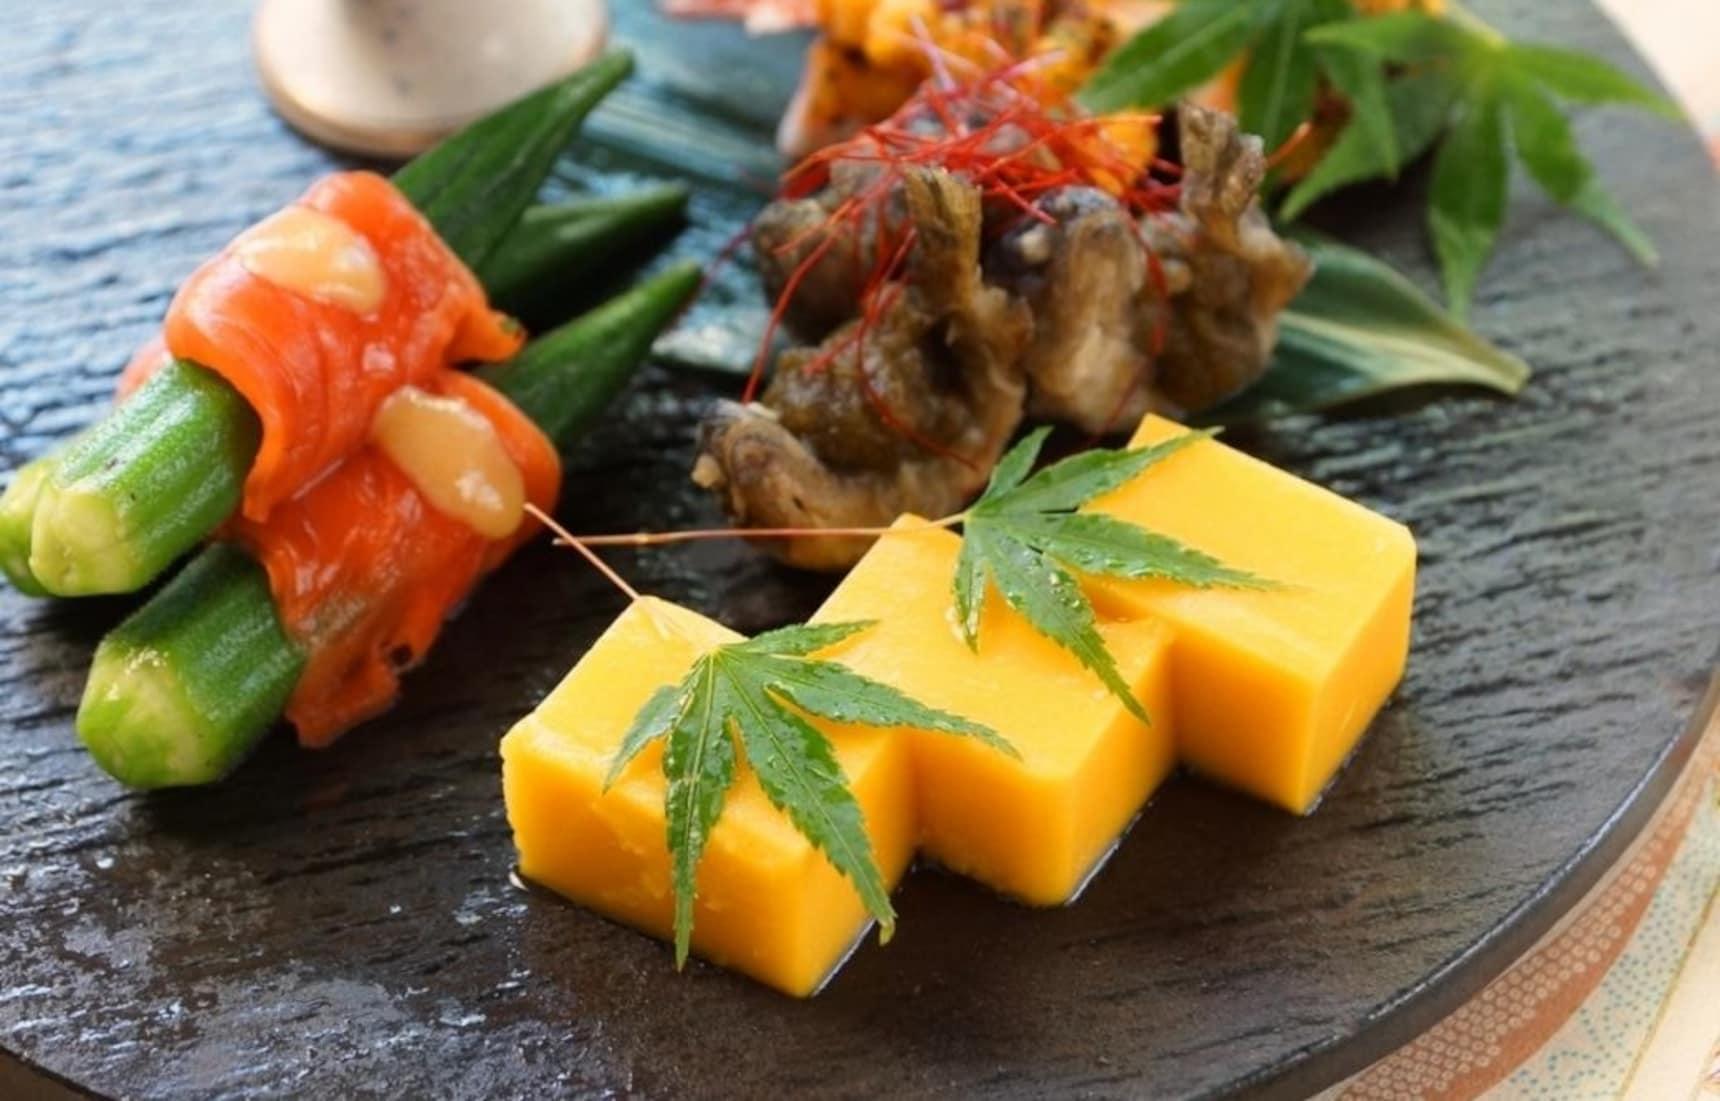 일본인의 장수 비결이 담긴 건강한 음식 1부